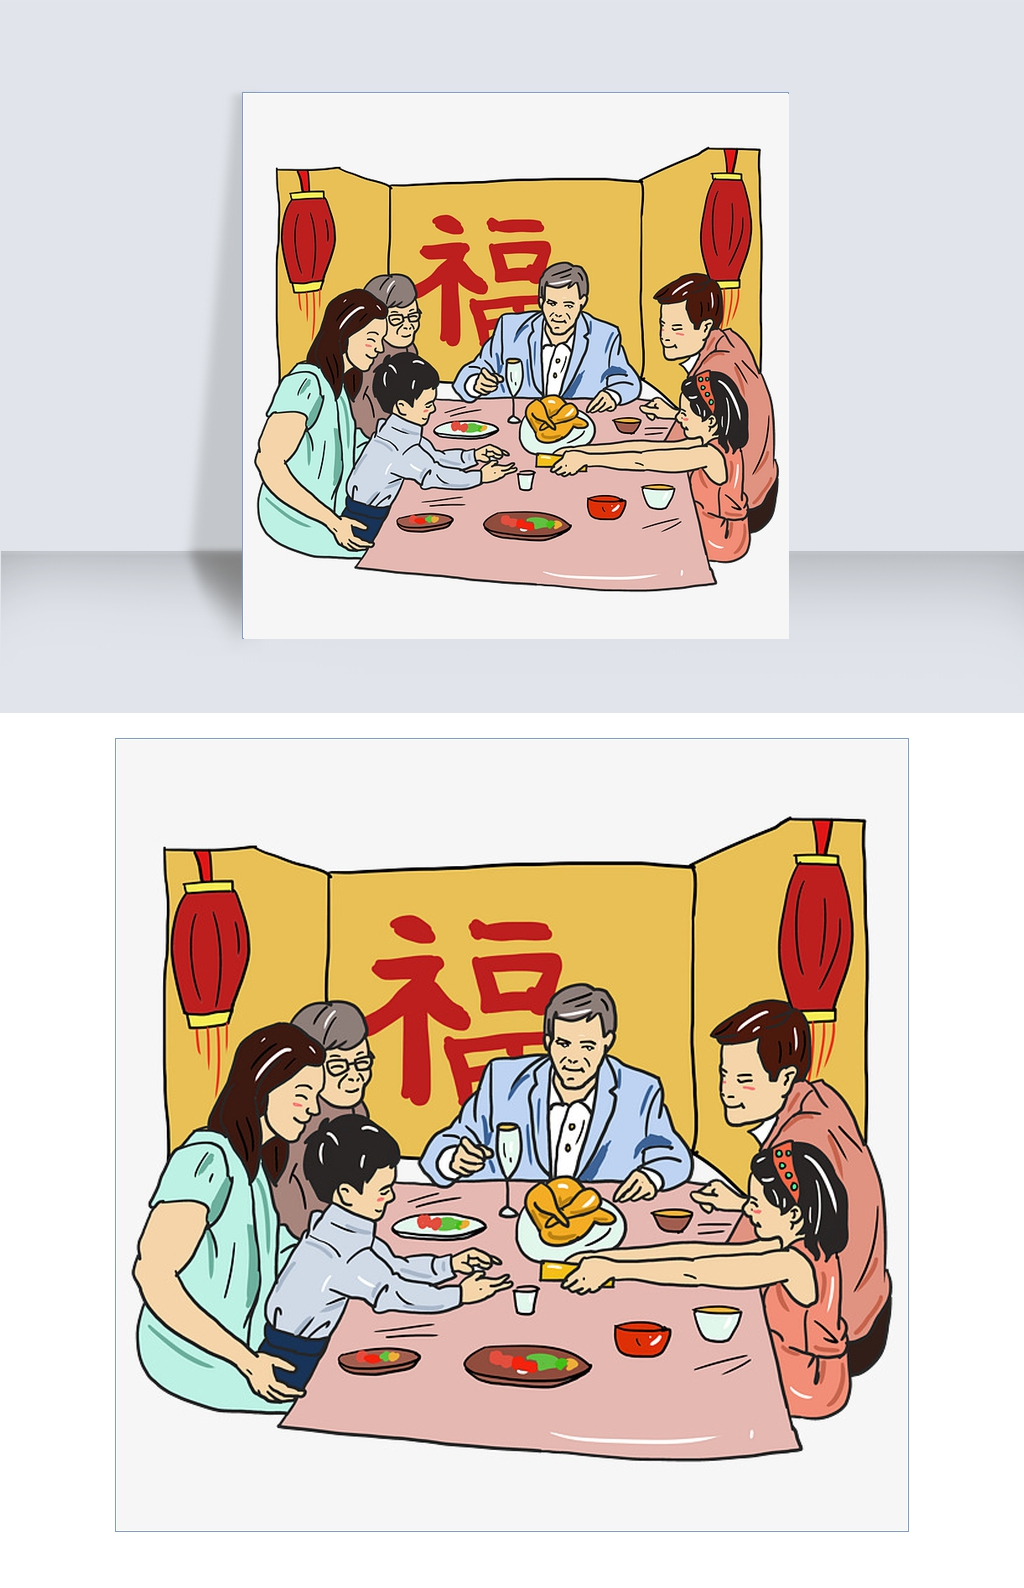 一家人吃火鸡年夜饭图片素材 其他格式 下载 动漫人物大全